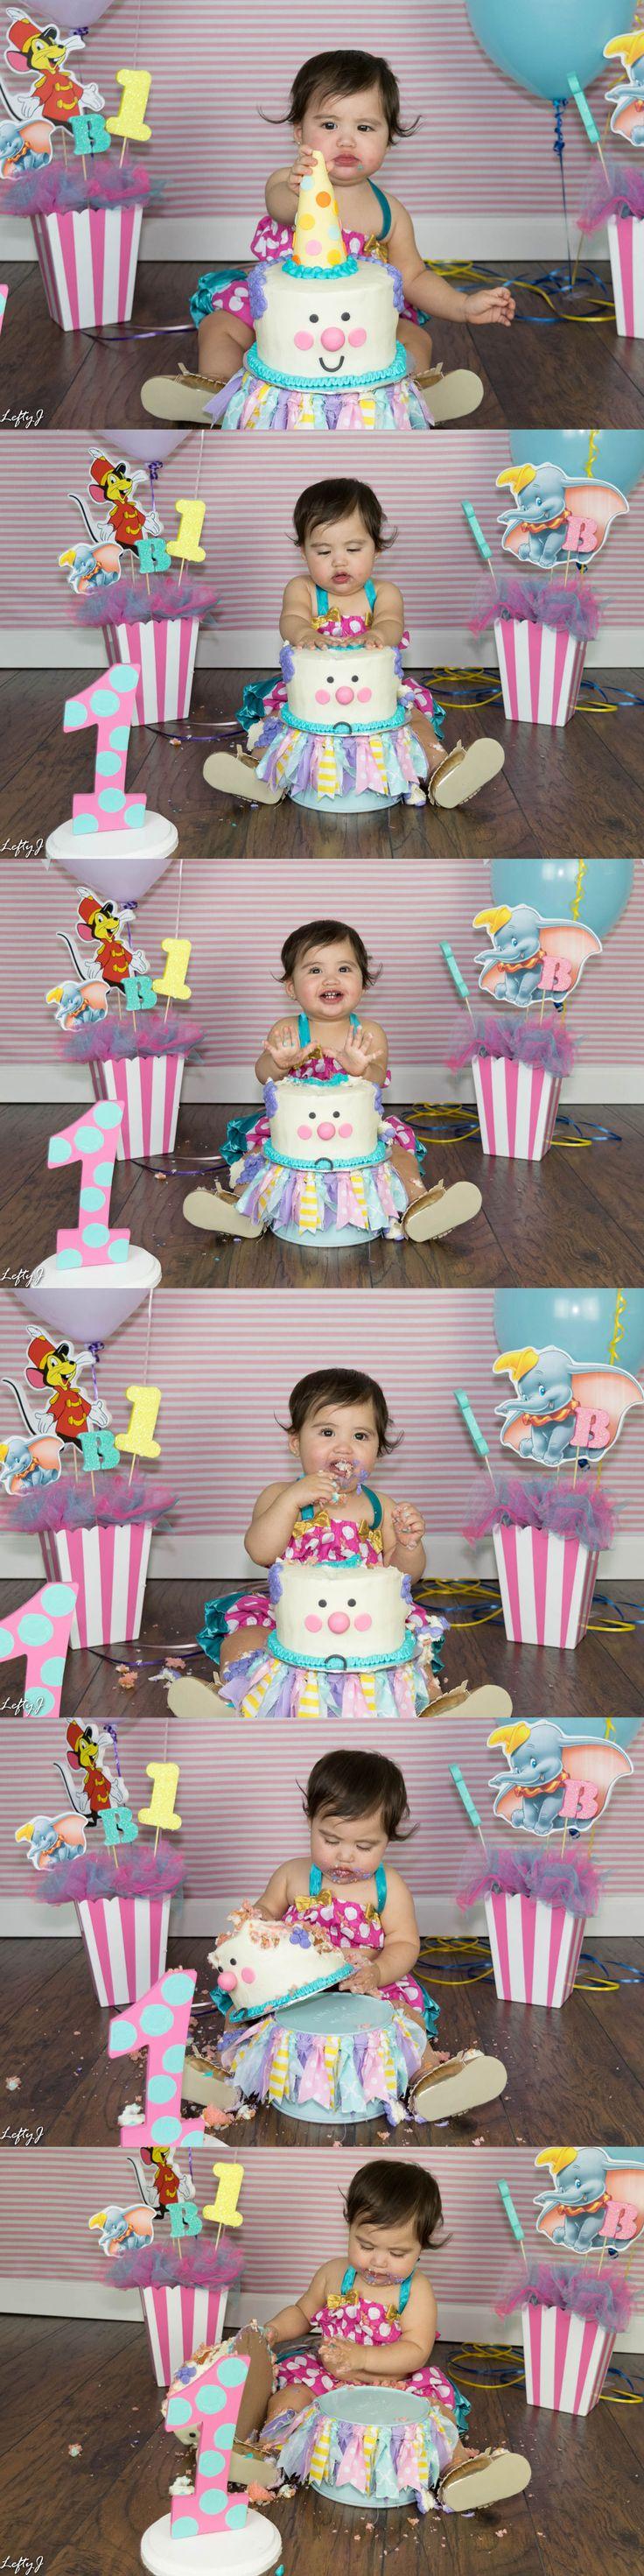 Baby's 1st birthday smash cake by Lefty J Photography in Corpus Christi, TX. #smashcake #baby #babysfirstbirthday #oneyearold #babysmashcake #corpuschristi #corpuschristiphotography #corpuschristiphotographer